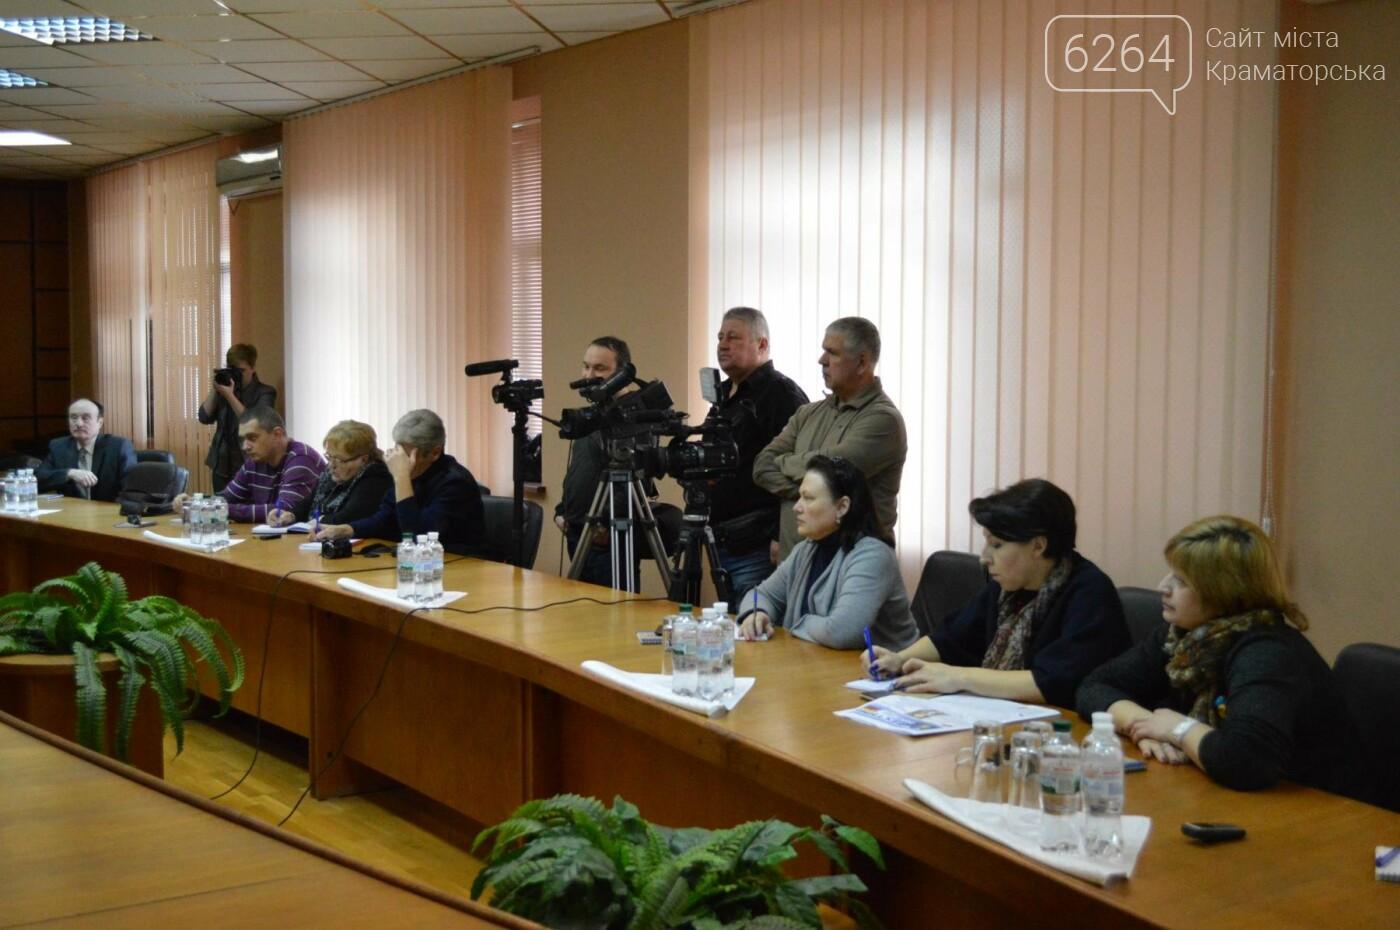 В Краматорске прошла пресс-конференция, на которой подвели итоги работы НКМЗ, фото-3